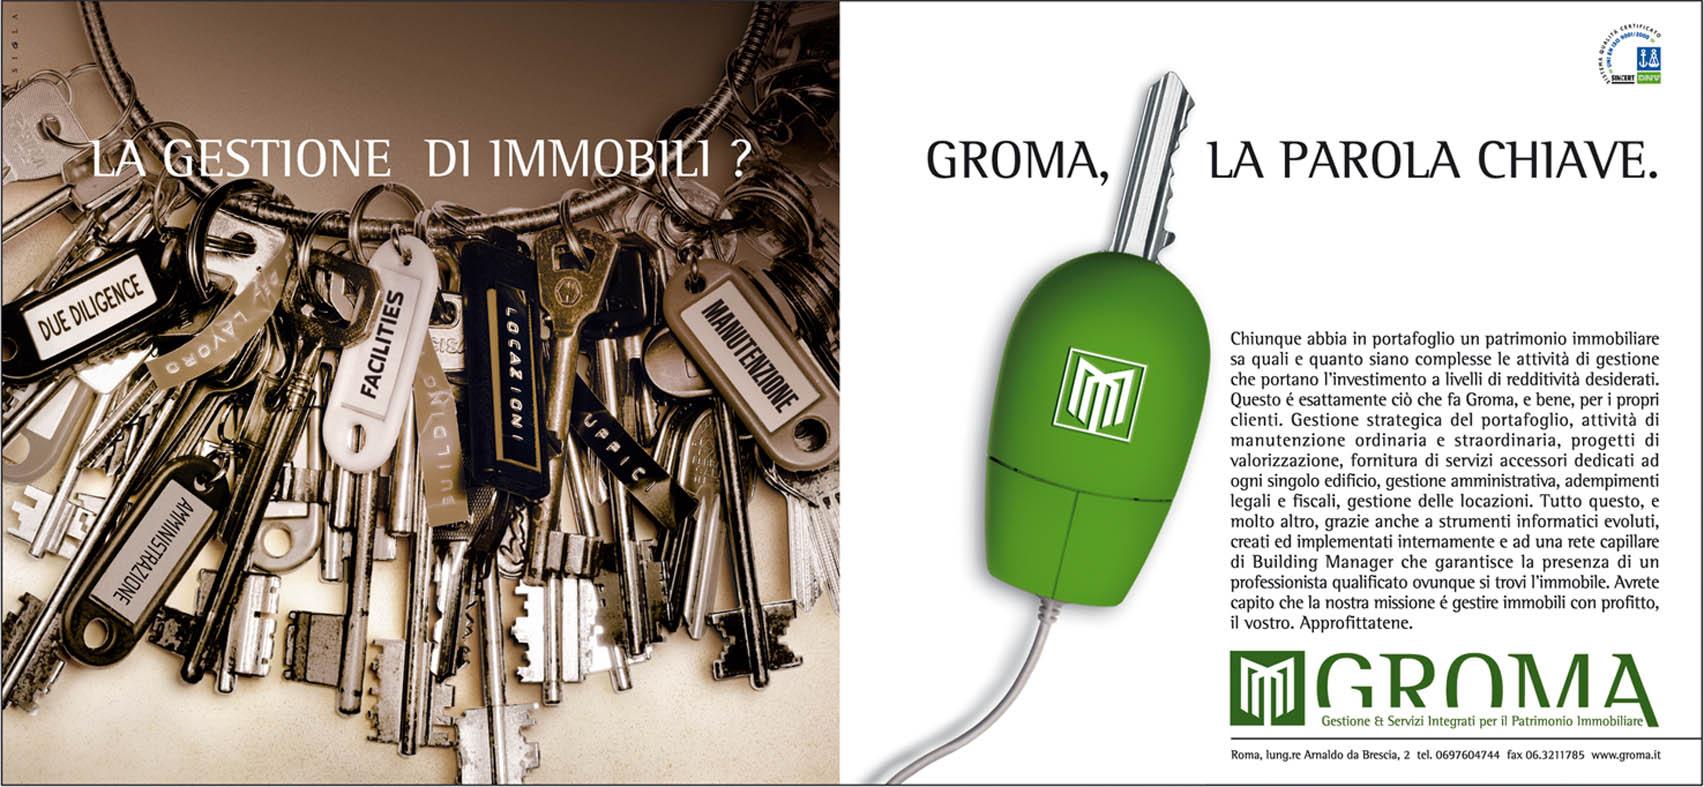 Restyling per Groma: nuovo logo e nuova campagna